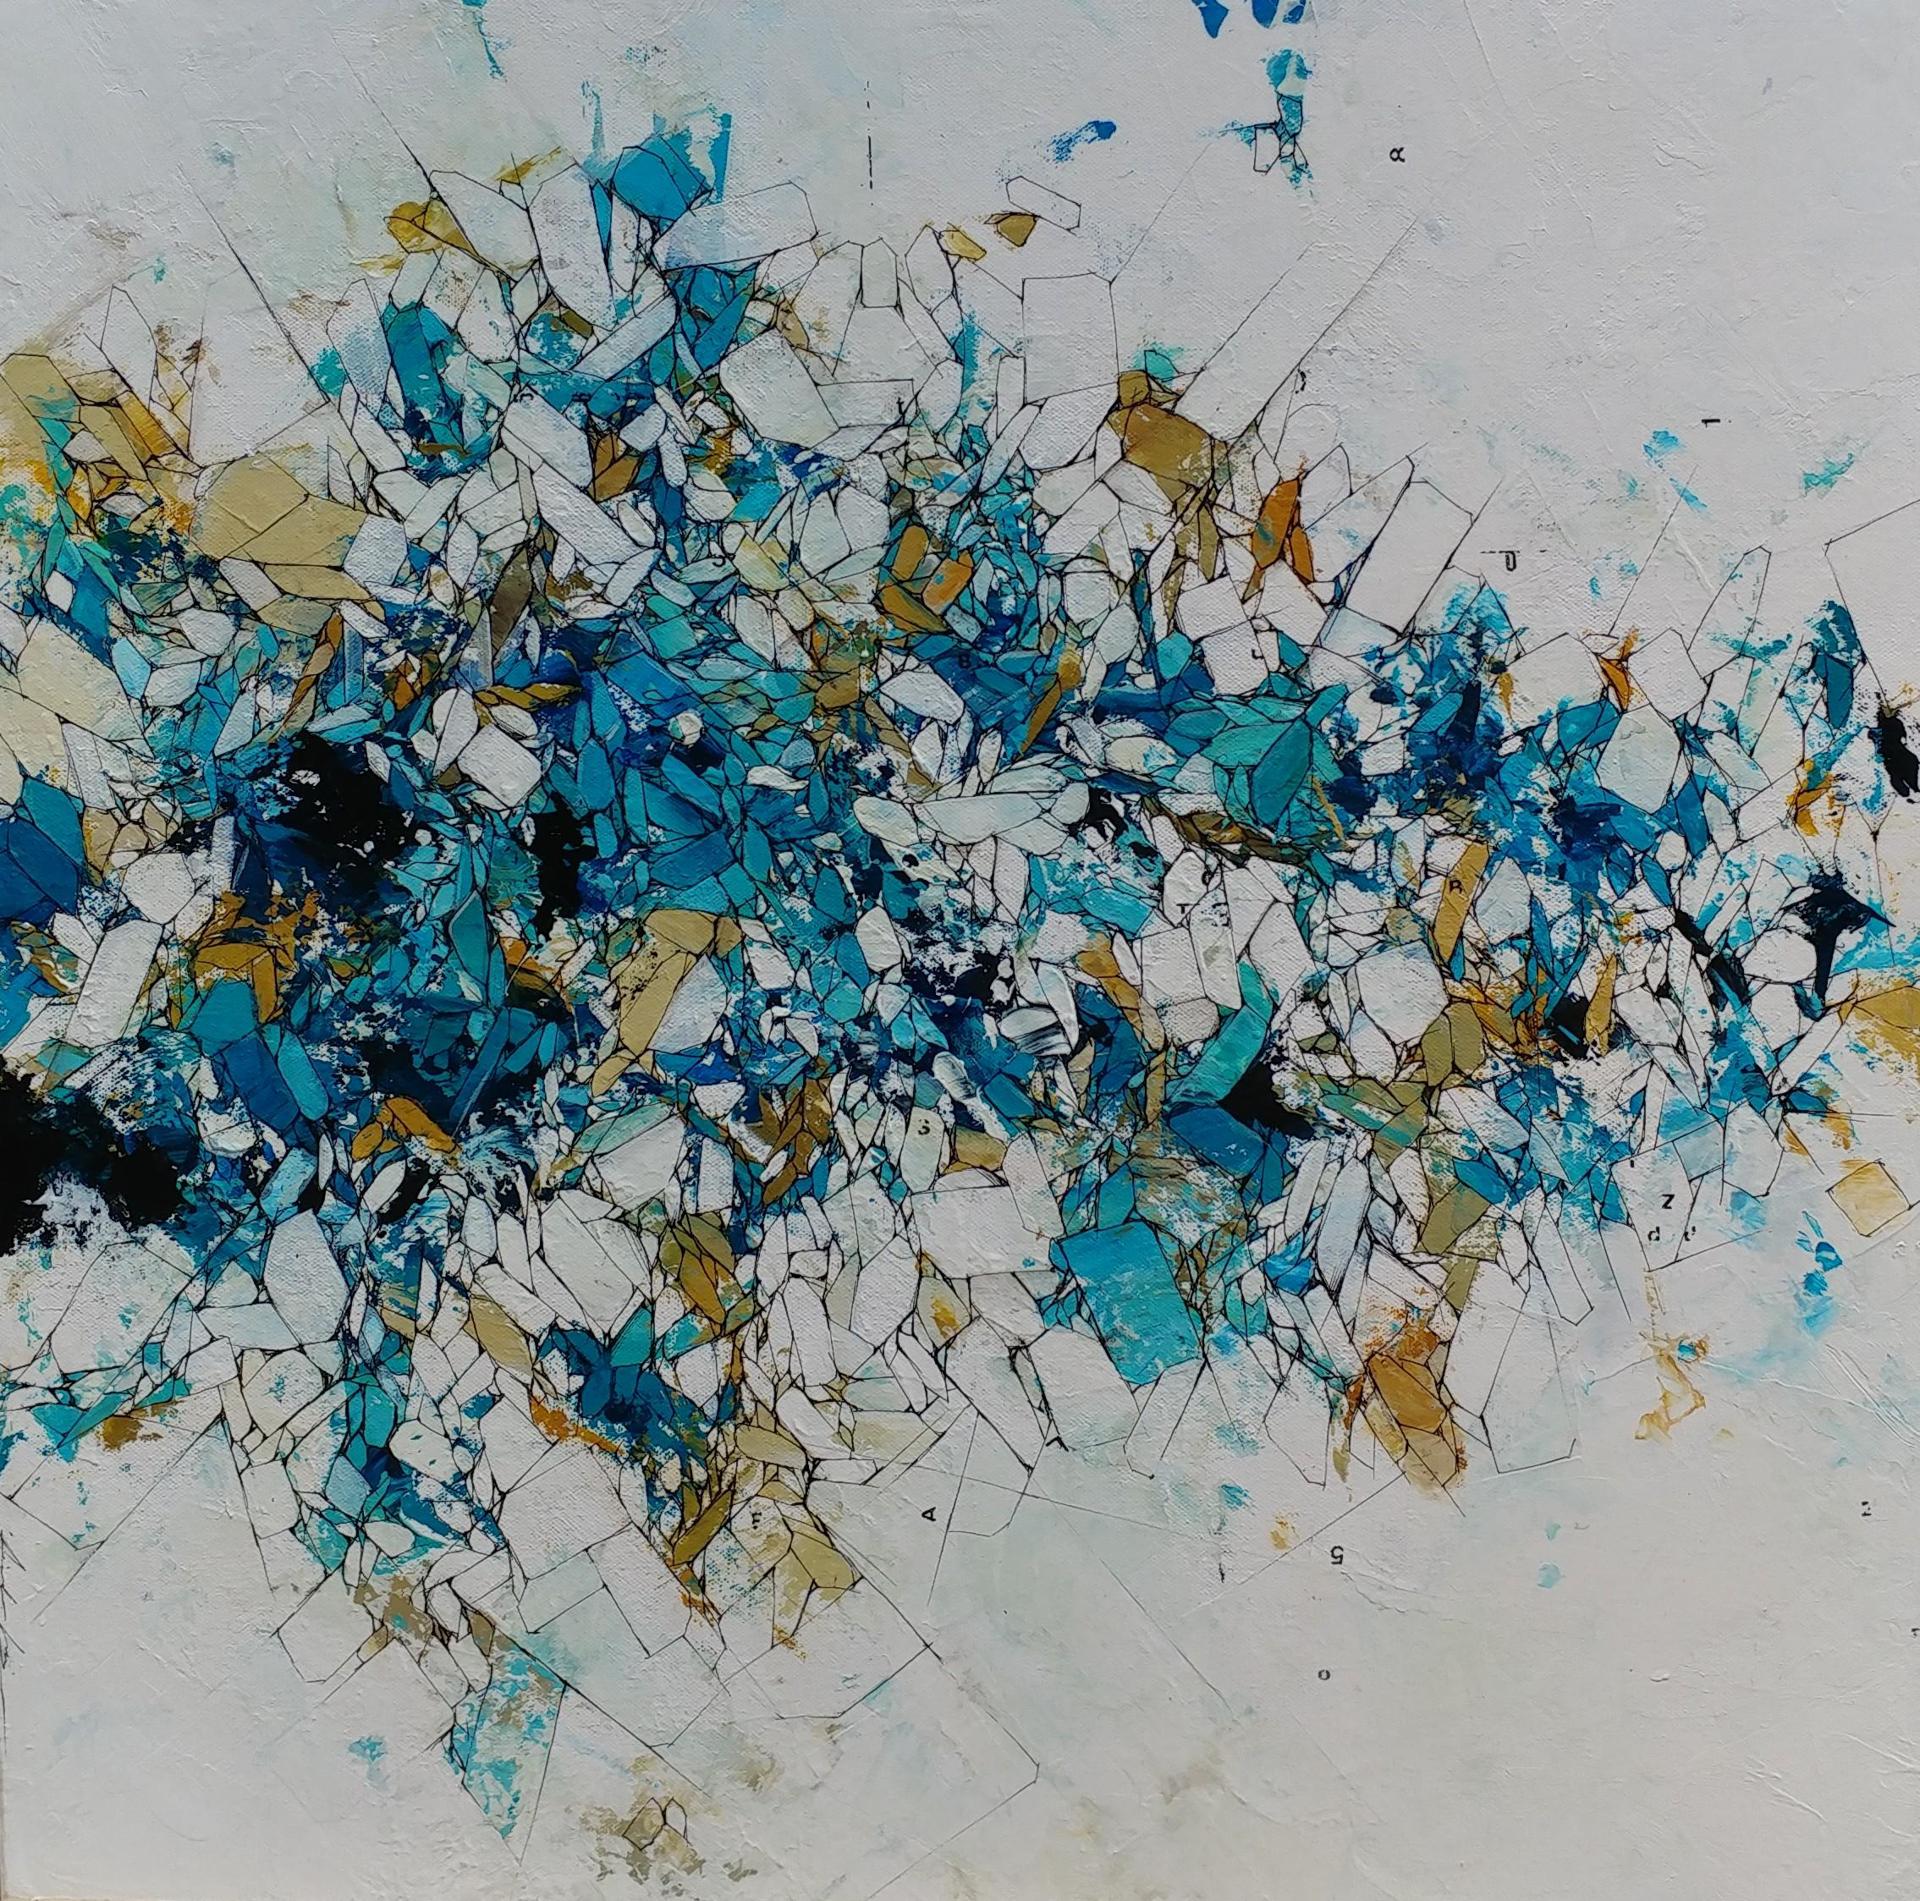 Orient - *19 by Aiden Kringen